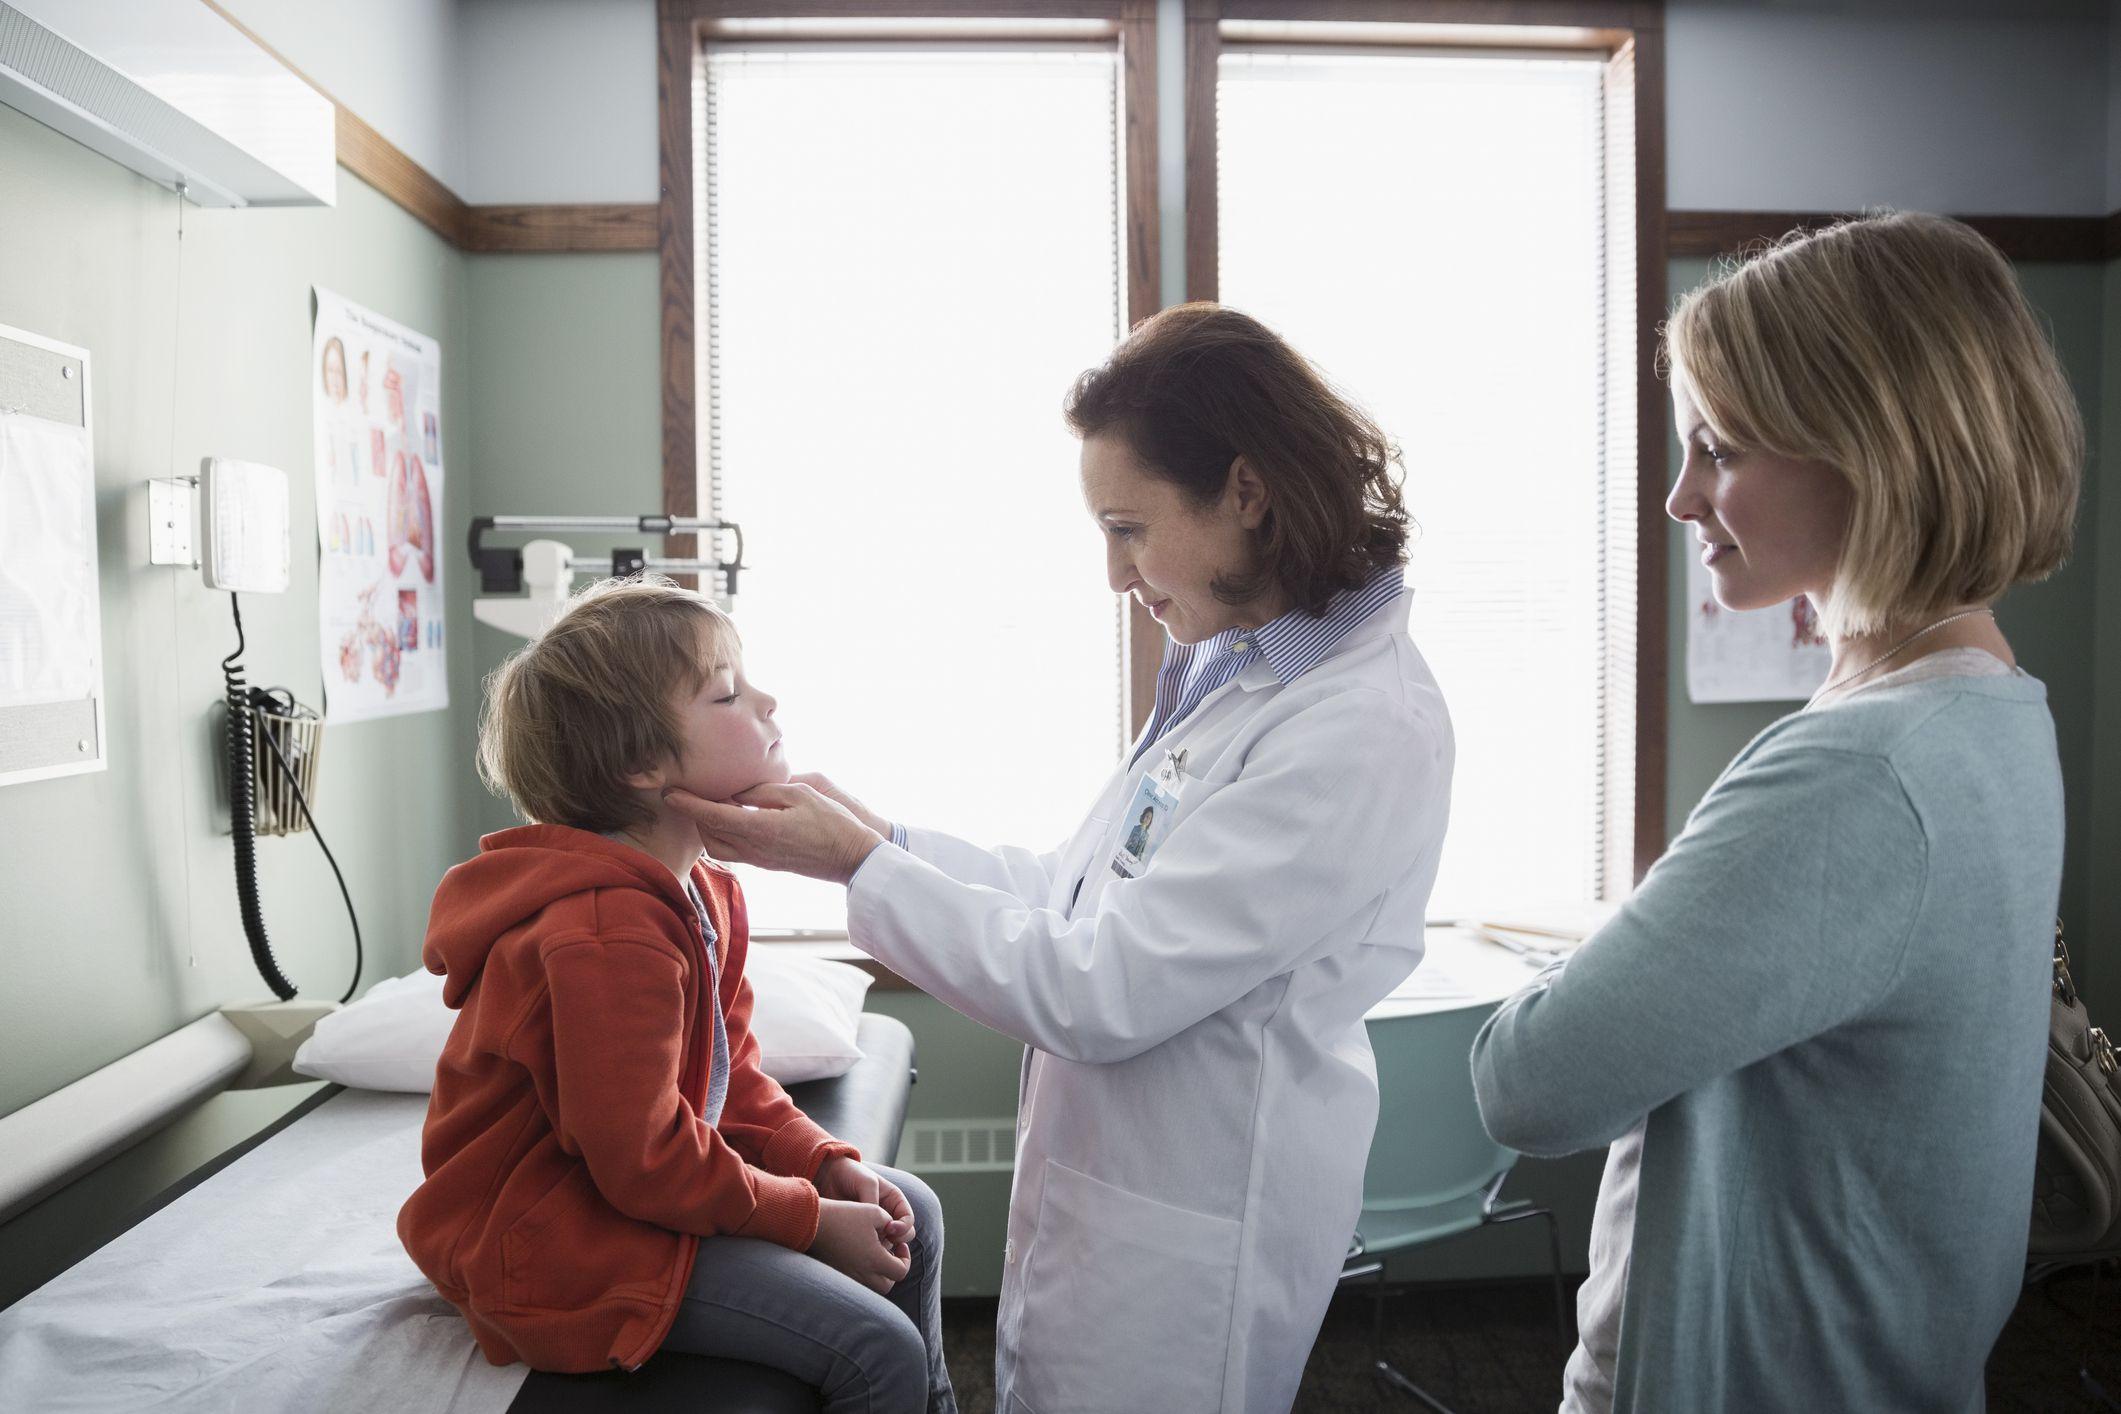 pediatric physician examining child